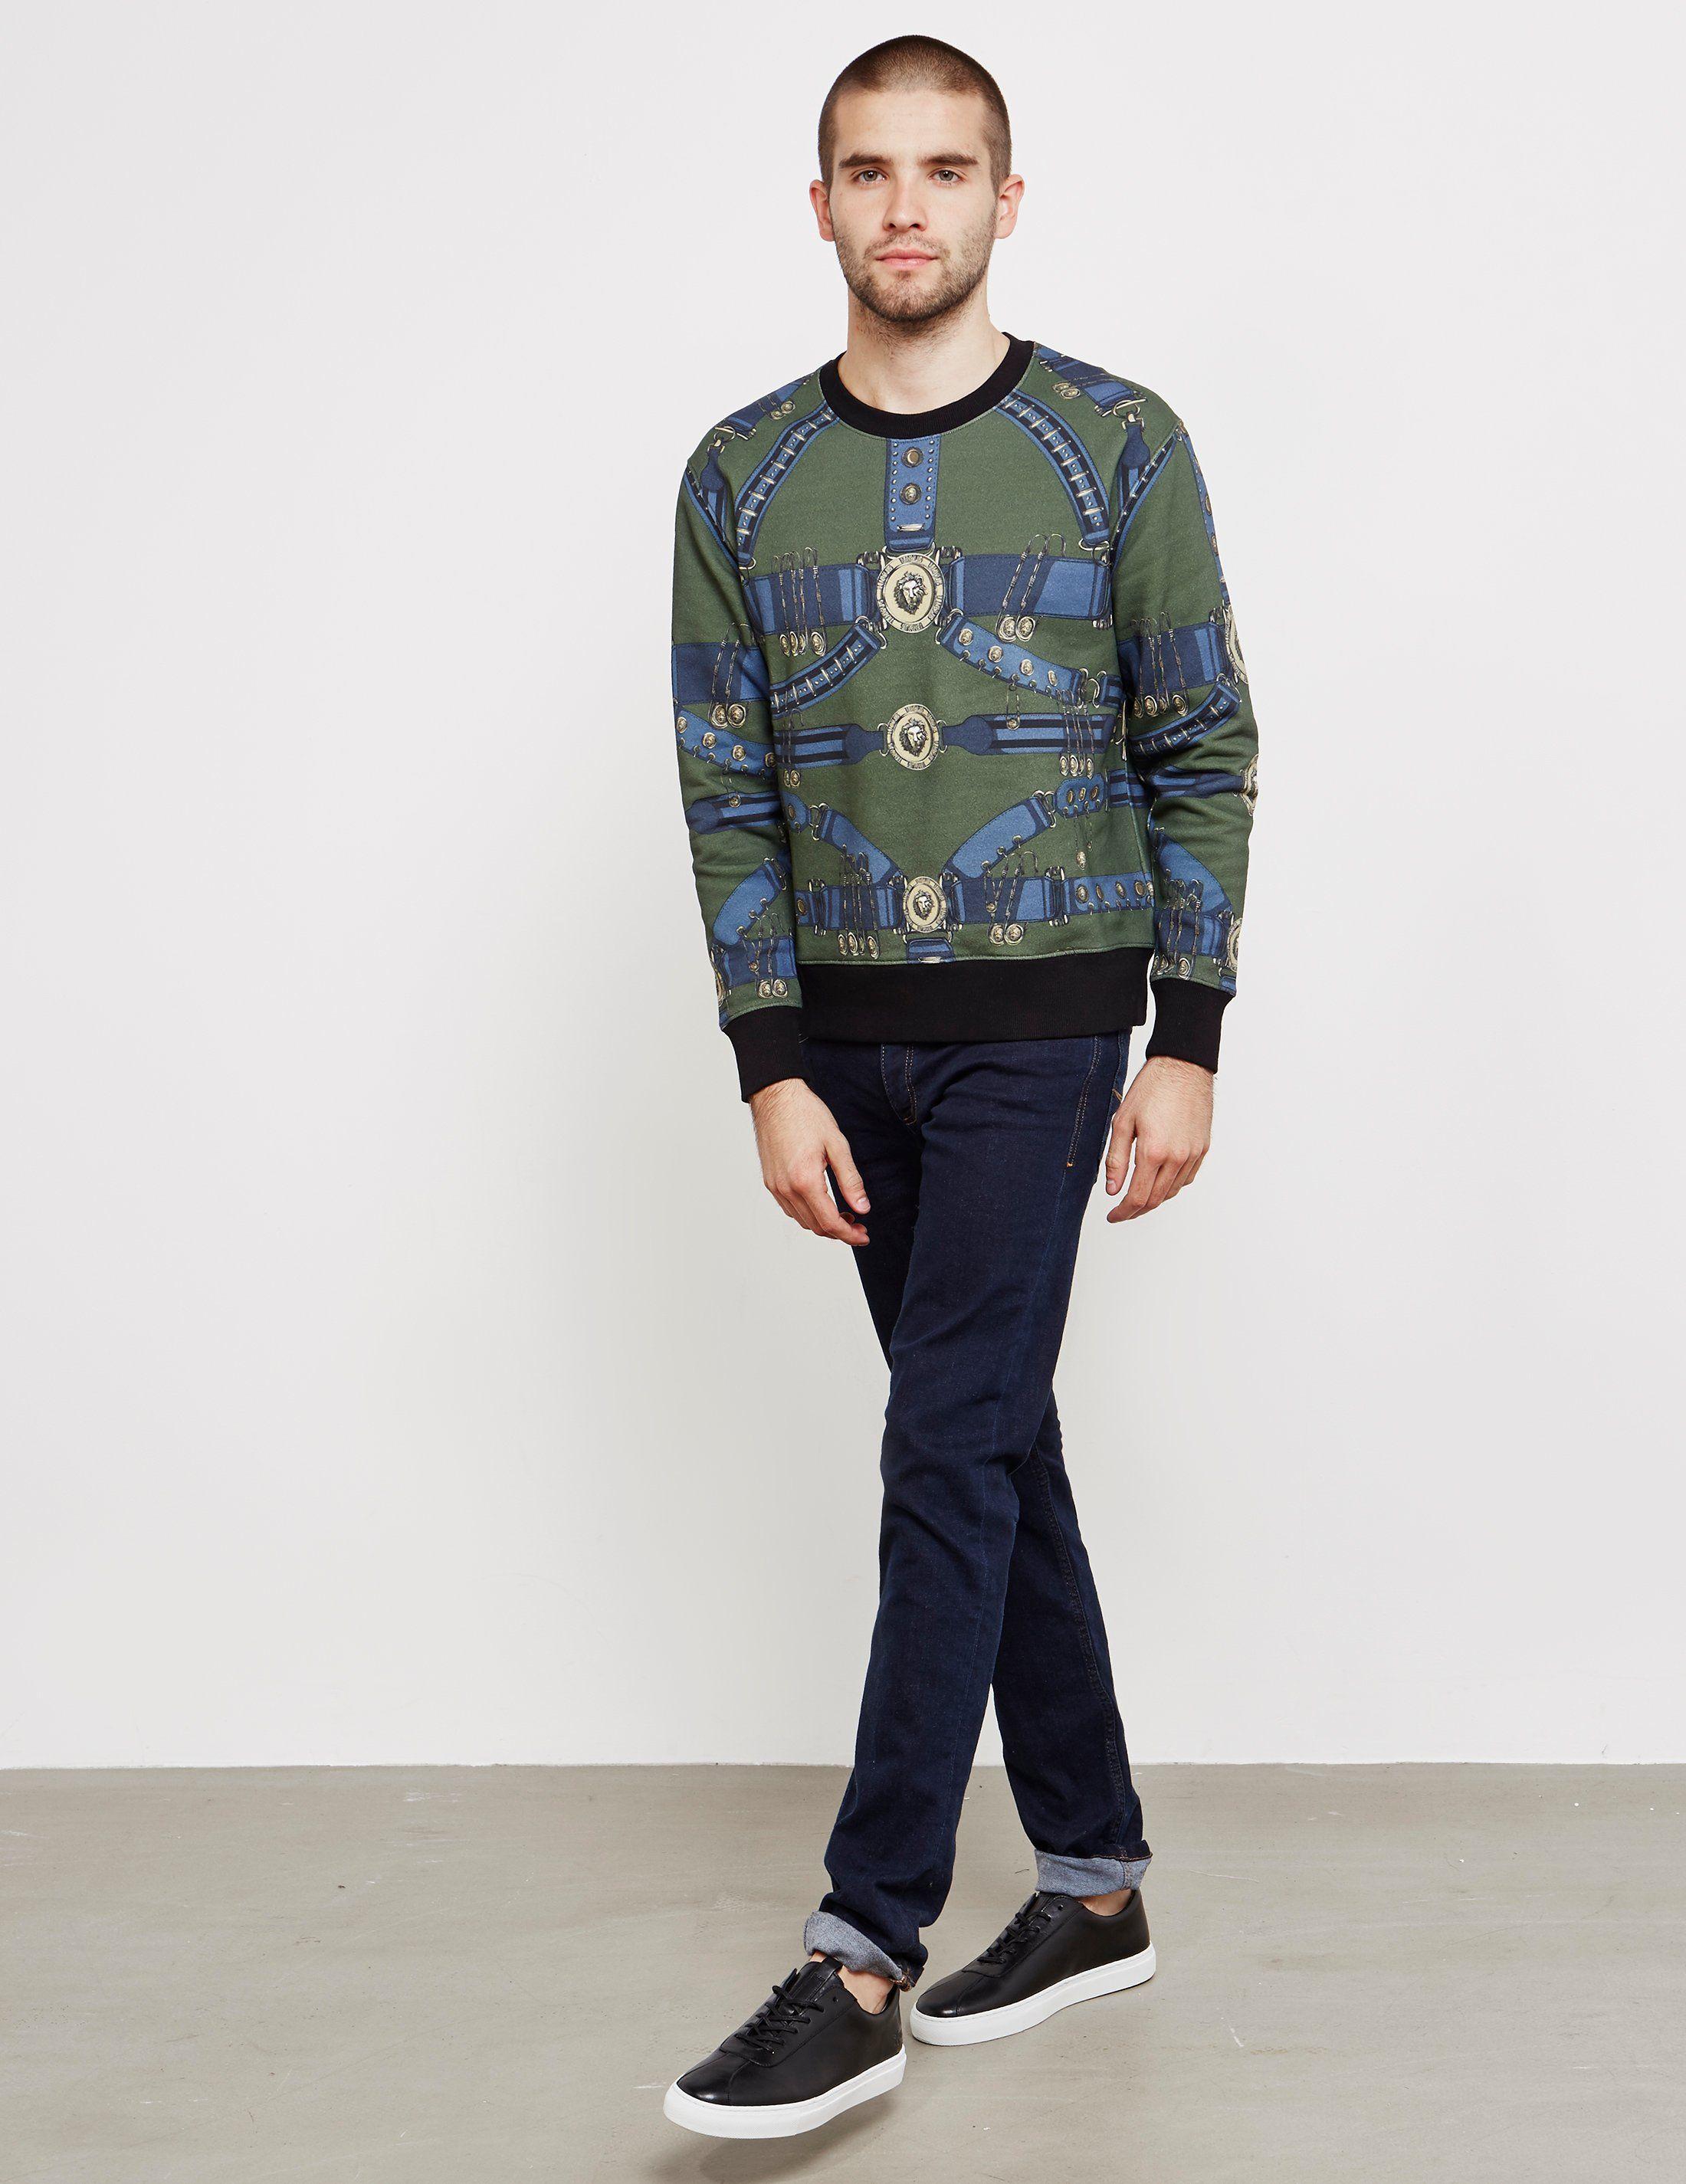 Versus Versace Lion All Over Print Sweatshirt - Online Exclusive